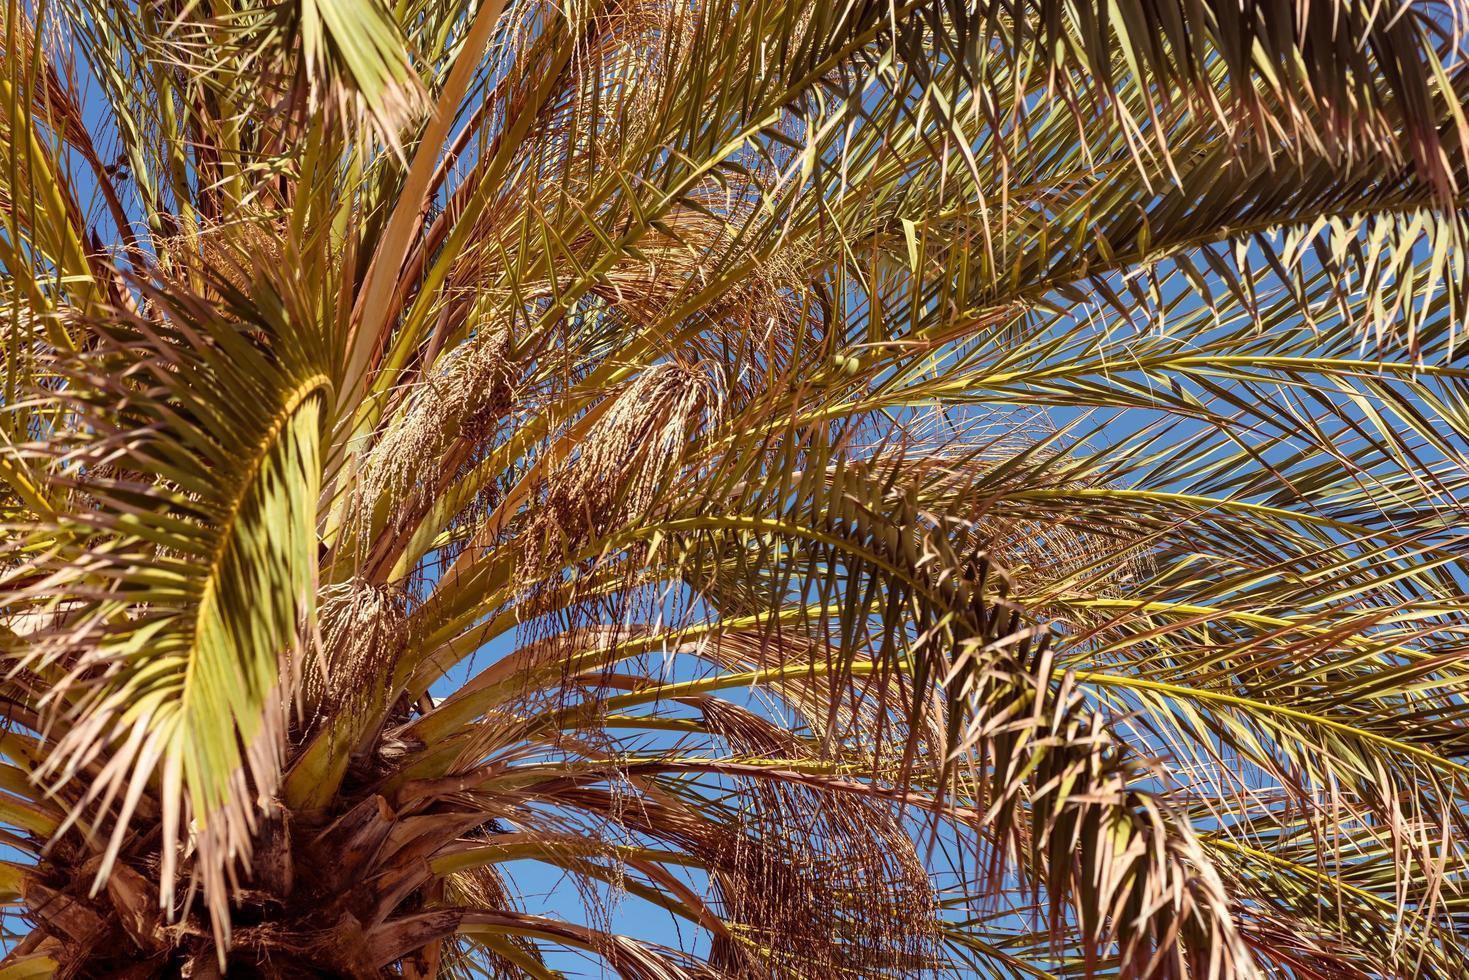 vue rapprochée vers le haut de palmier tropical photo